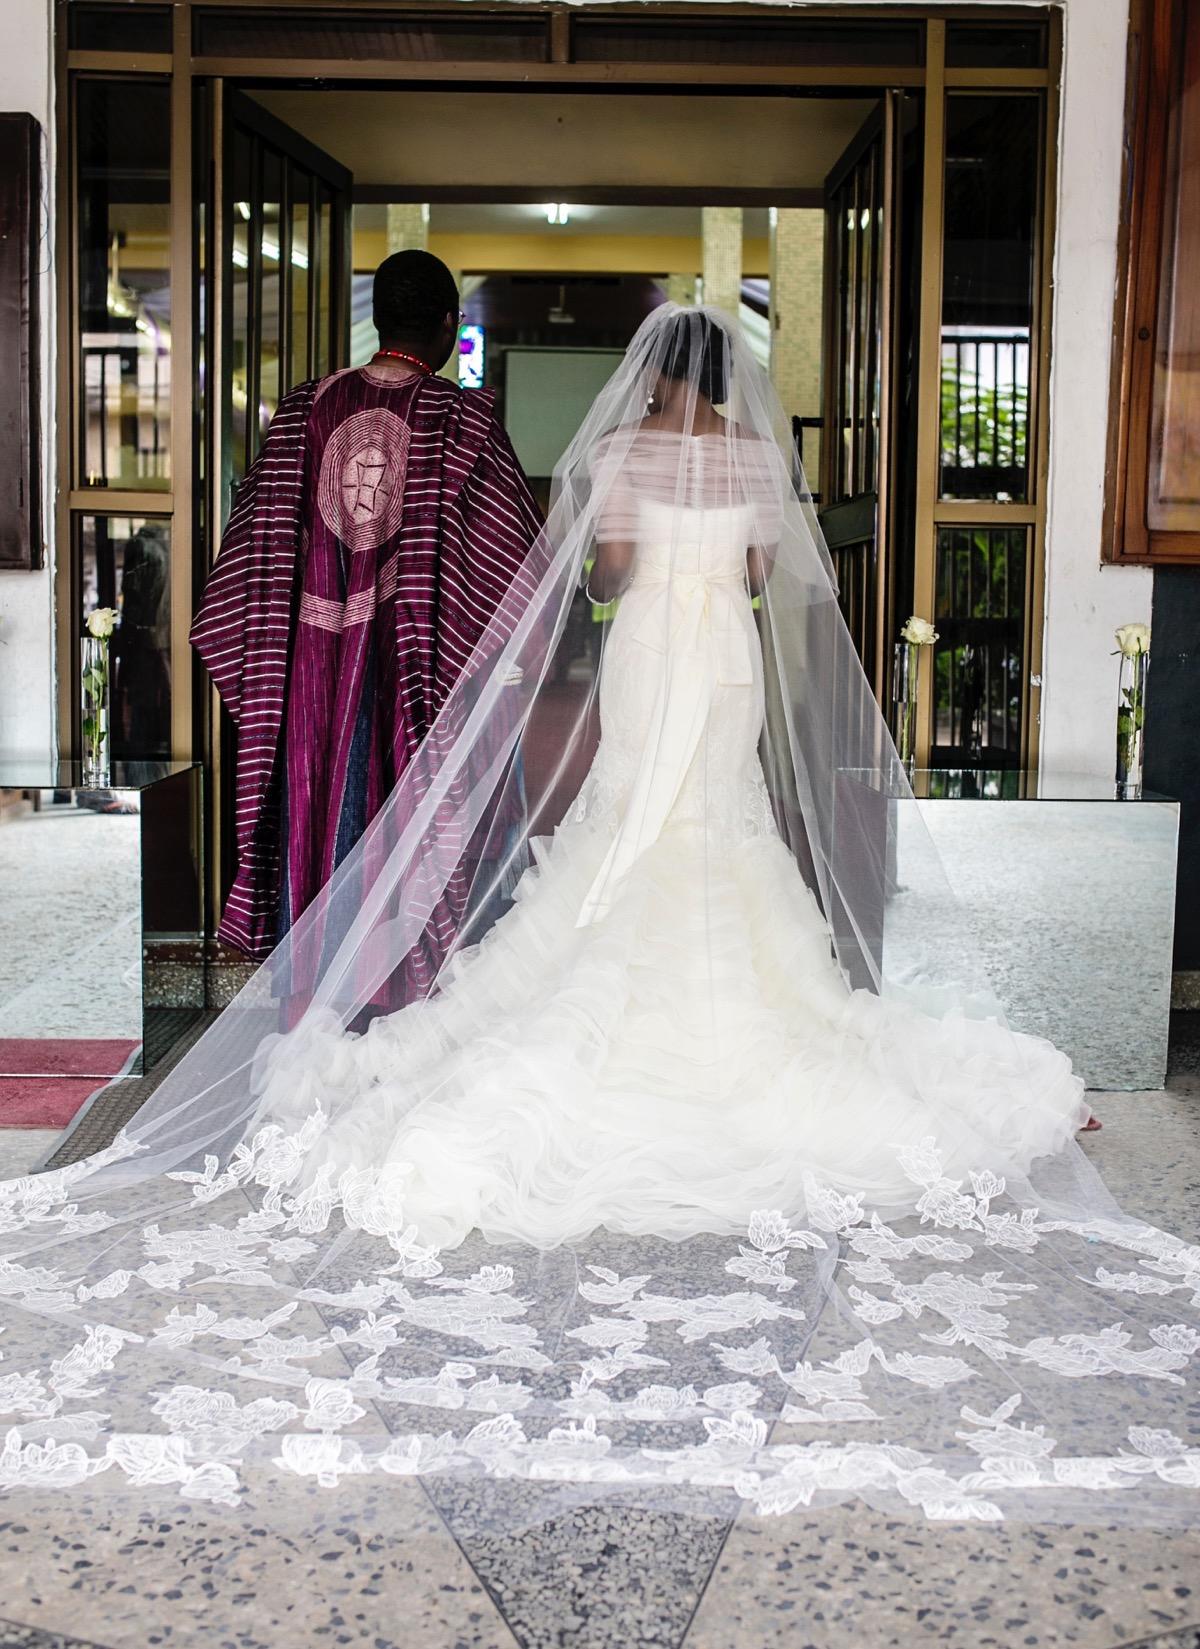 Slam2014 - Segi and Olamide Adedeji's Wedding in Ruby Gardens Nigeria 62